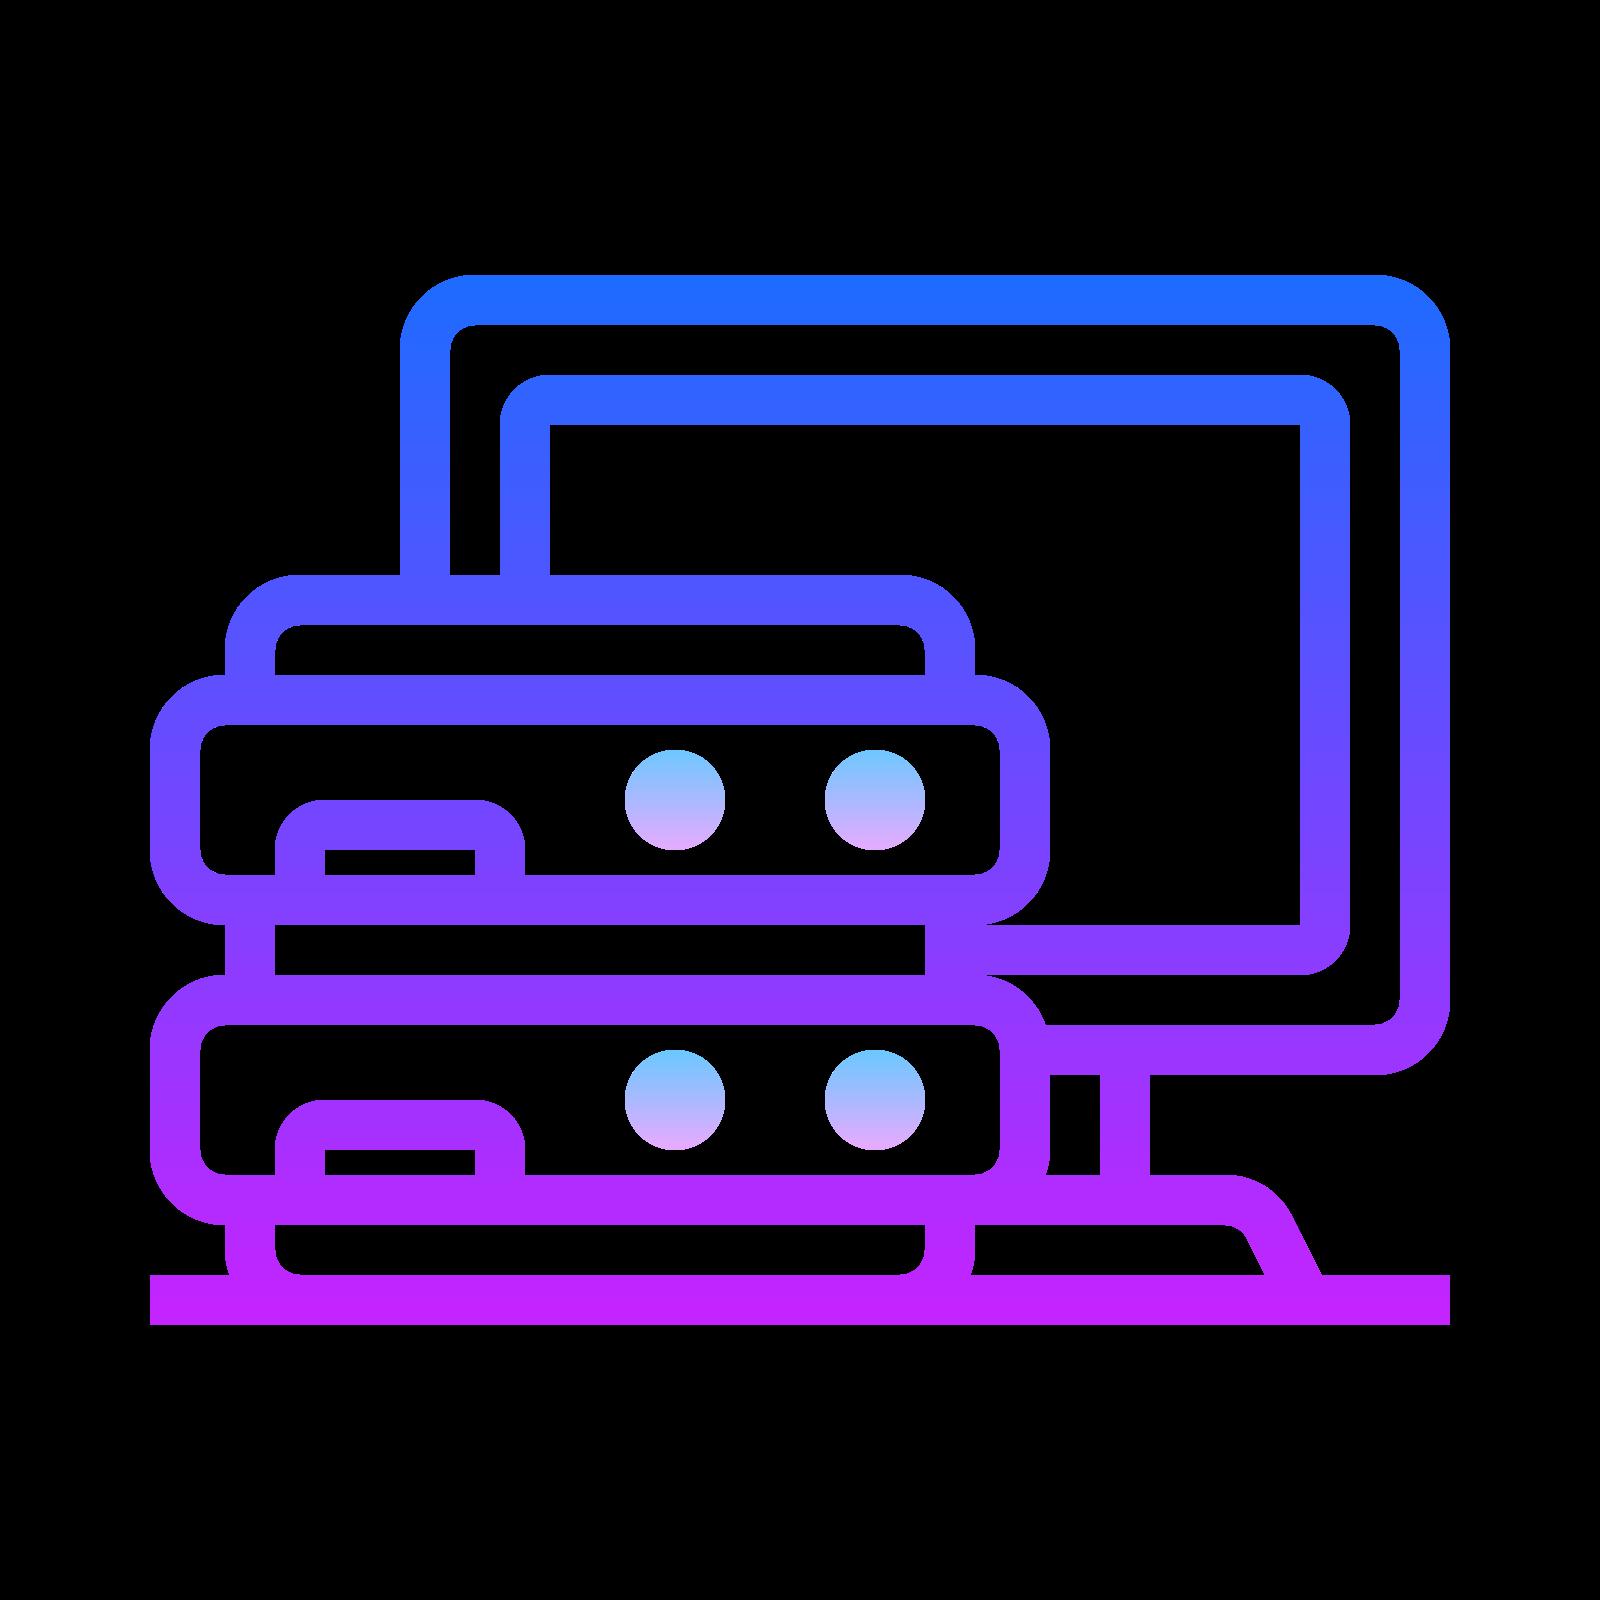 服务器 icon